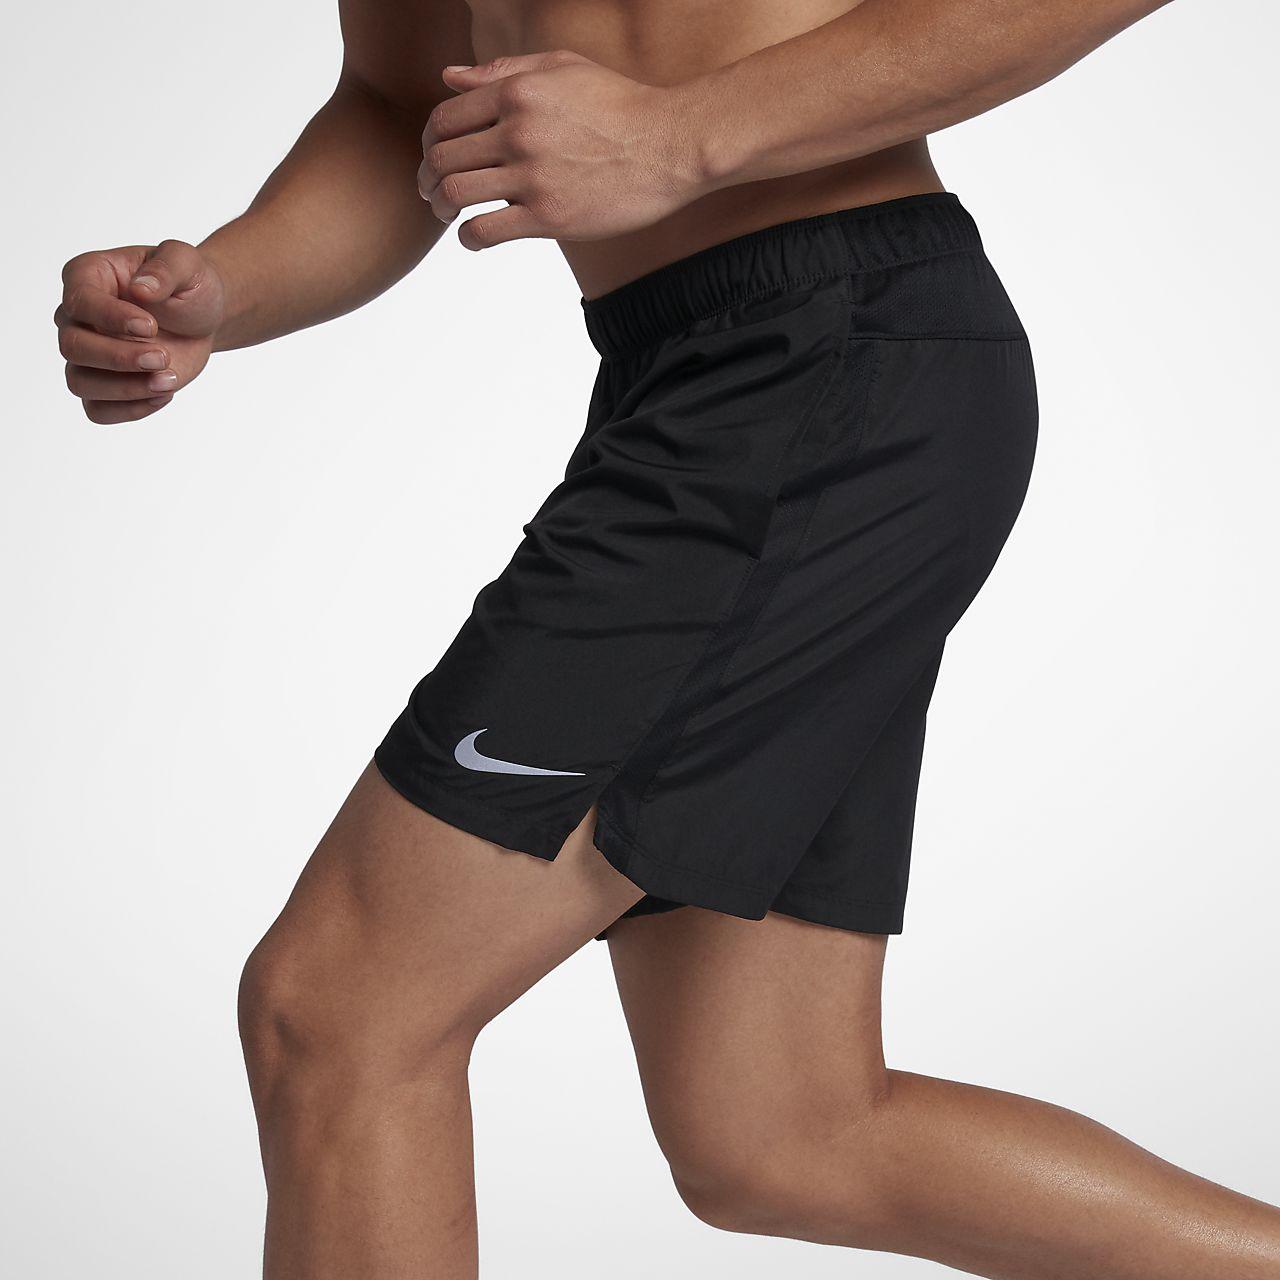 separation shoes 41cde 66897 Nike Challenger fôret løpeshorts til herre (18 cm)